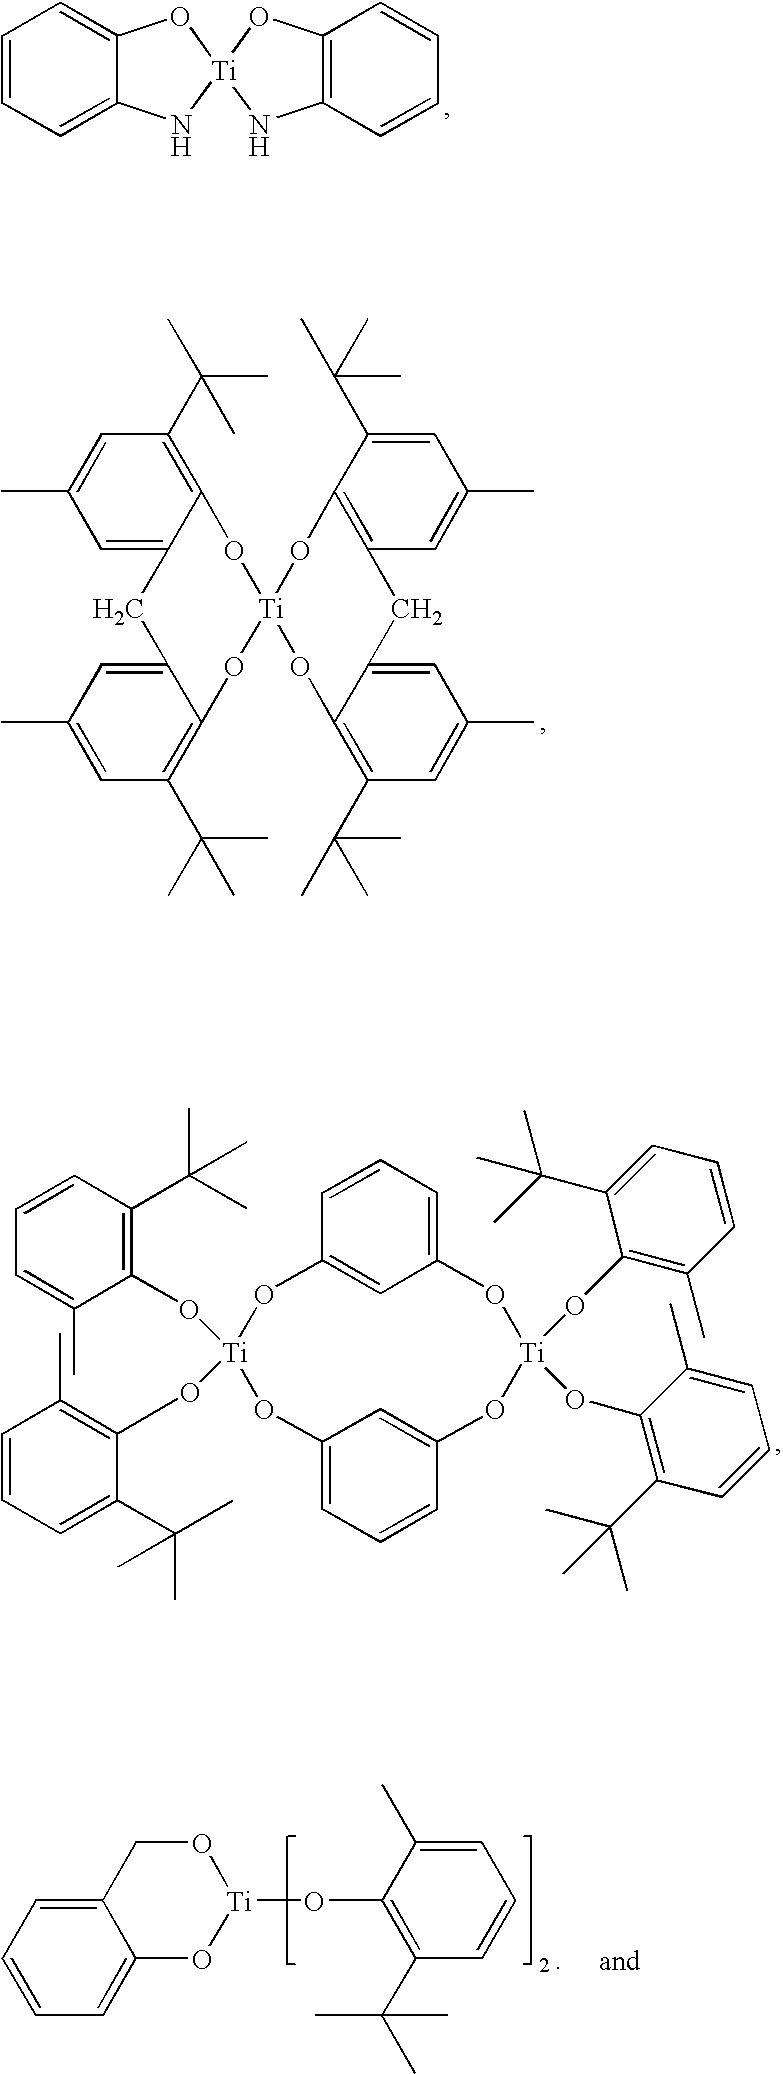 Figure US20050227861A1-20051013-C00022